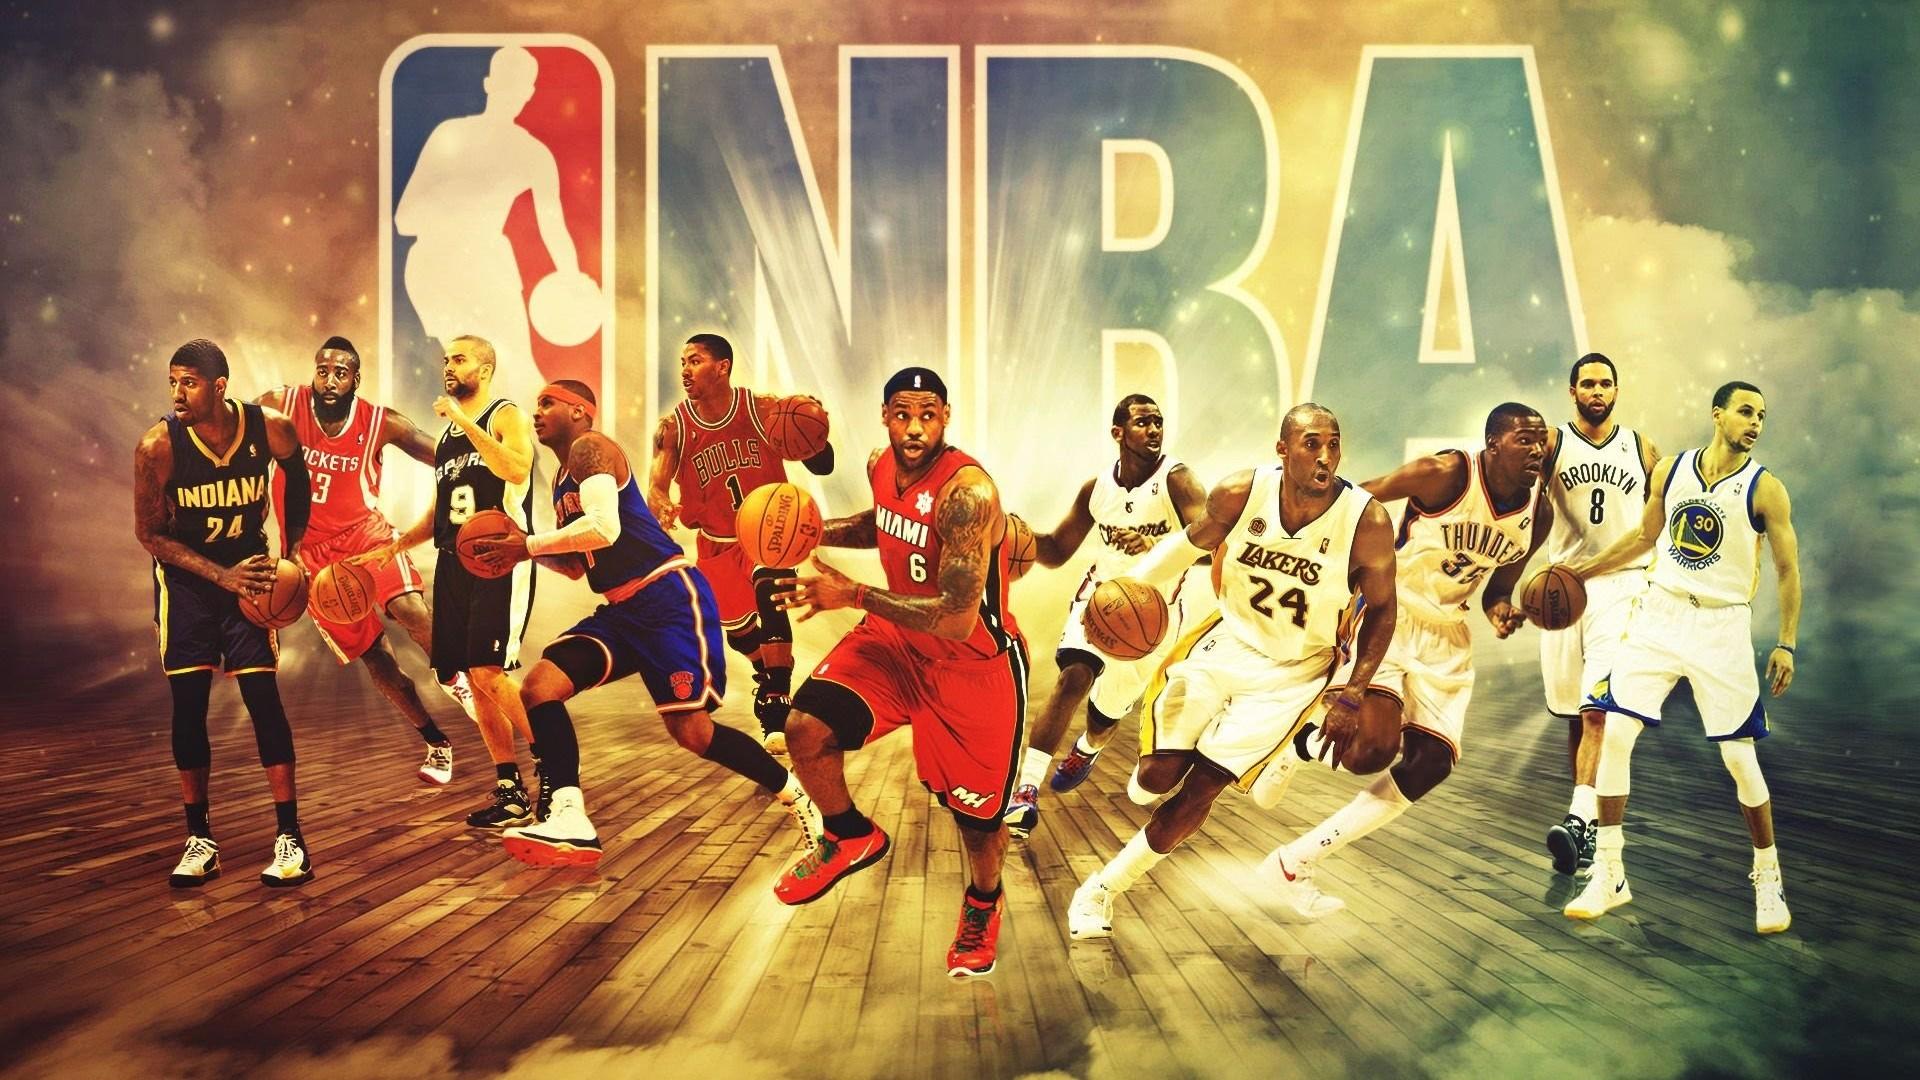 NBA Wallpaper HD 2020 Basketball Wallpaper 1920x1080